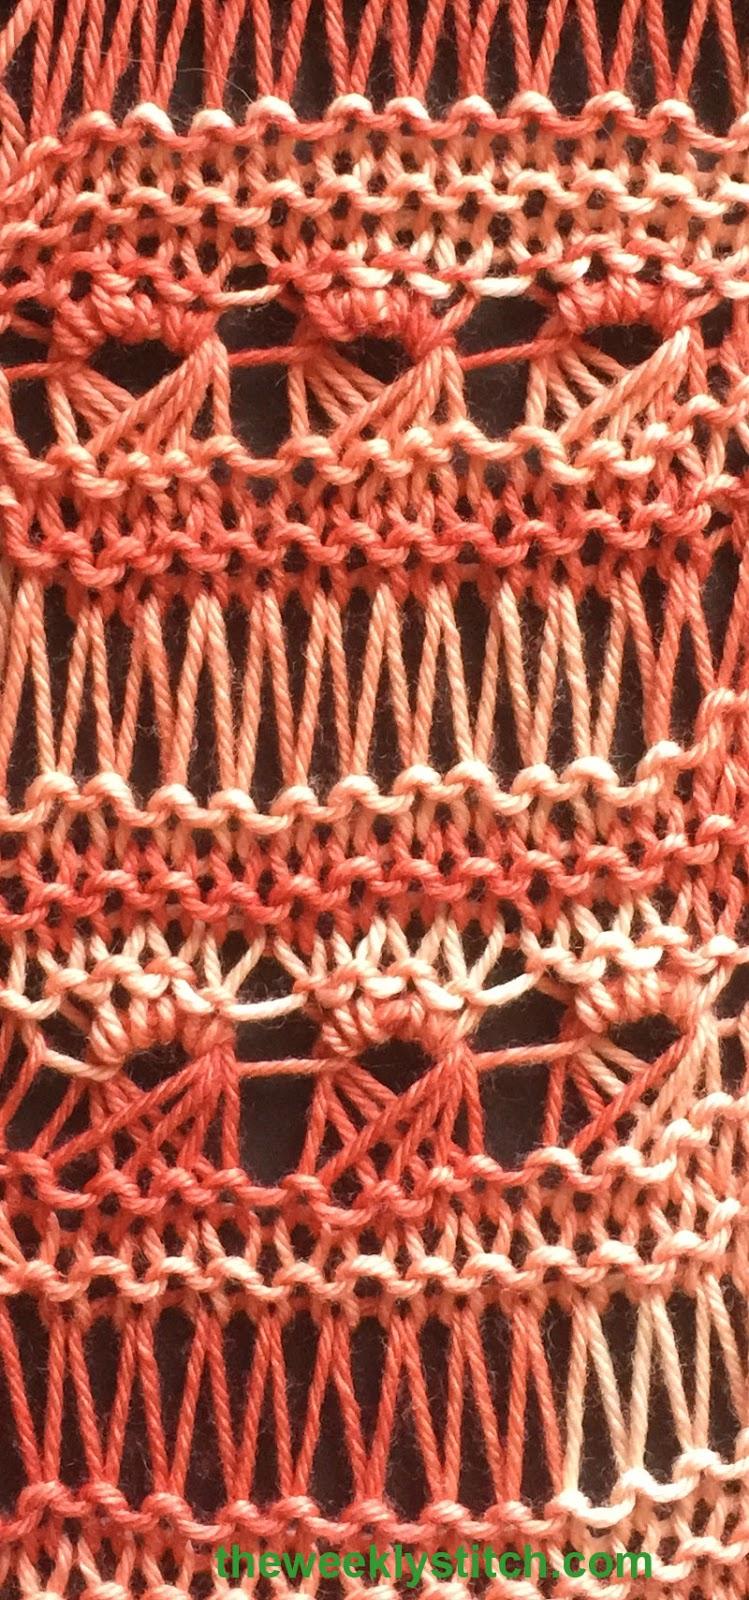 Peruvian Lace The Weekly Stitch